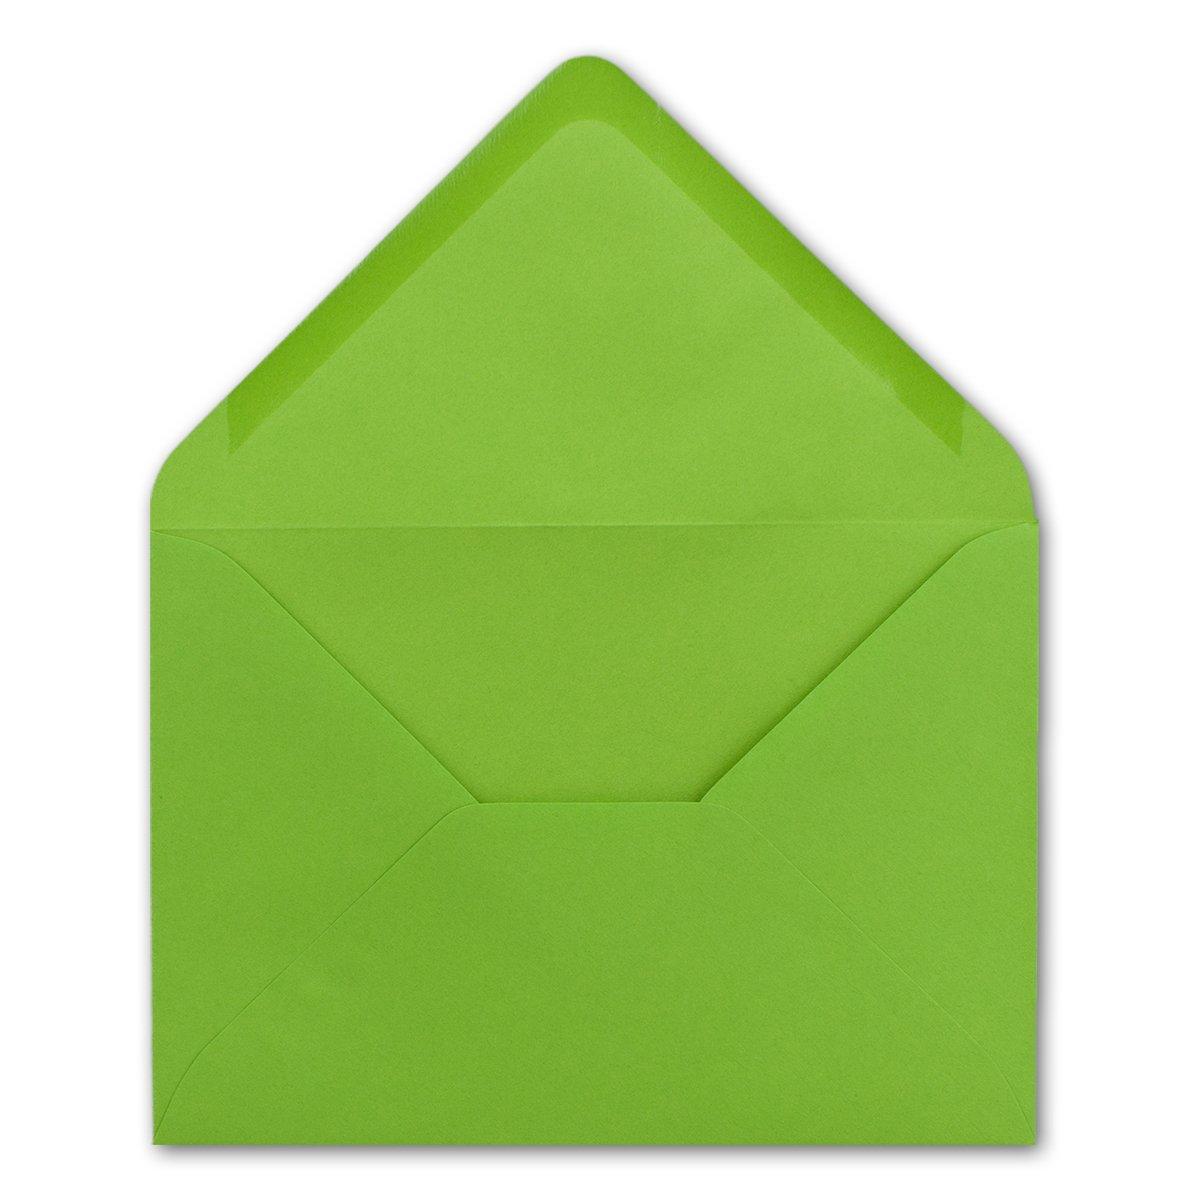 200x Brief-Umschläge in Dunkel-Grün - - - 80 g m² - KuGrüns in DIN B6 Format 125 x 175 mm - Nassklebung ohne Fenster - Qualitätsmarke FarbenFroh® B07BK55PYX | Neue Produkte im Jahr 2019  fc26bc